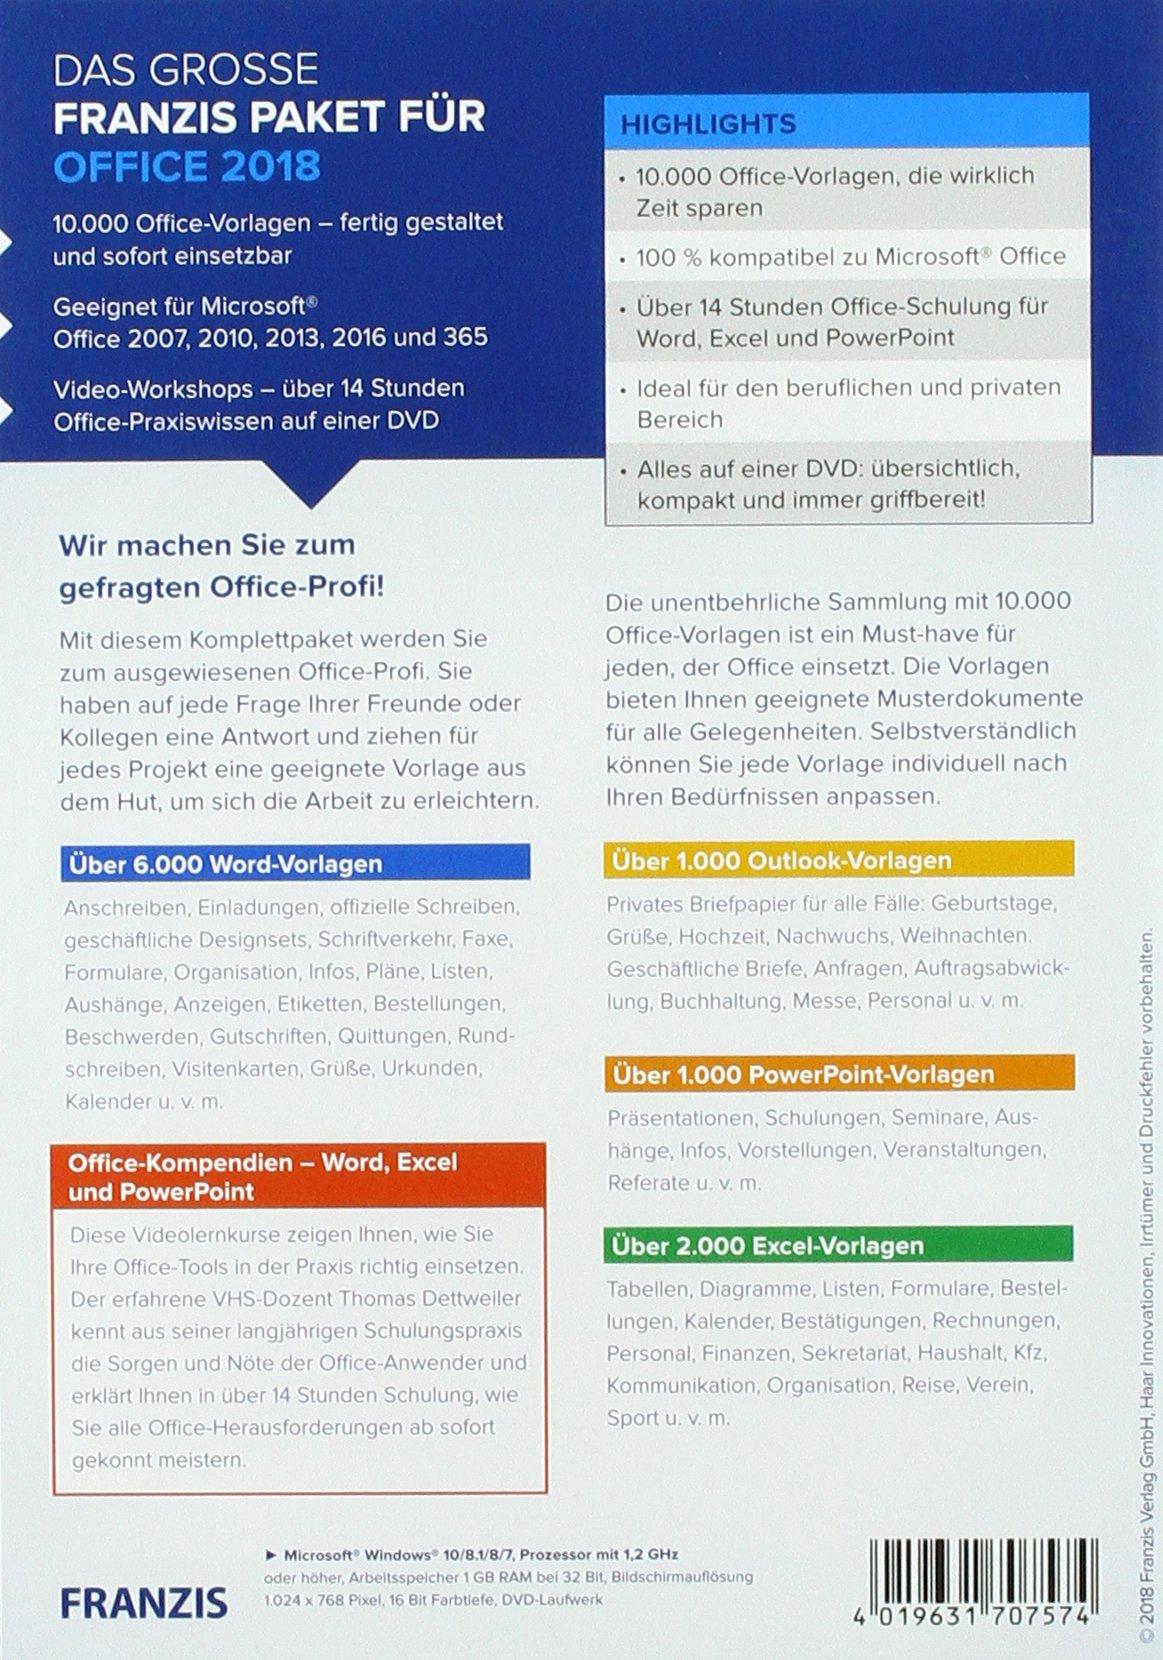 Das Große Franzis Paket Für Office 2018 4019631707574